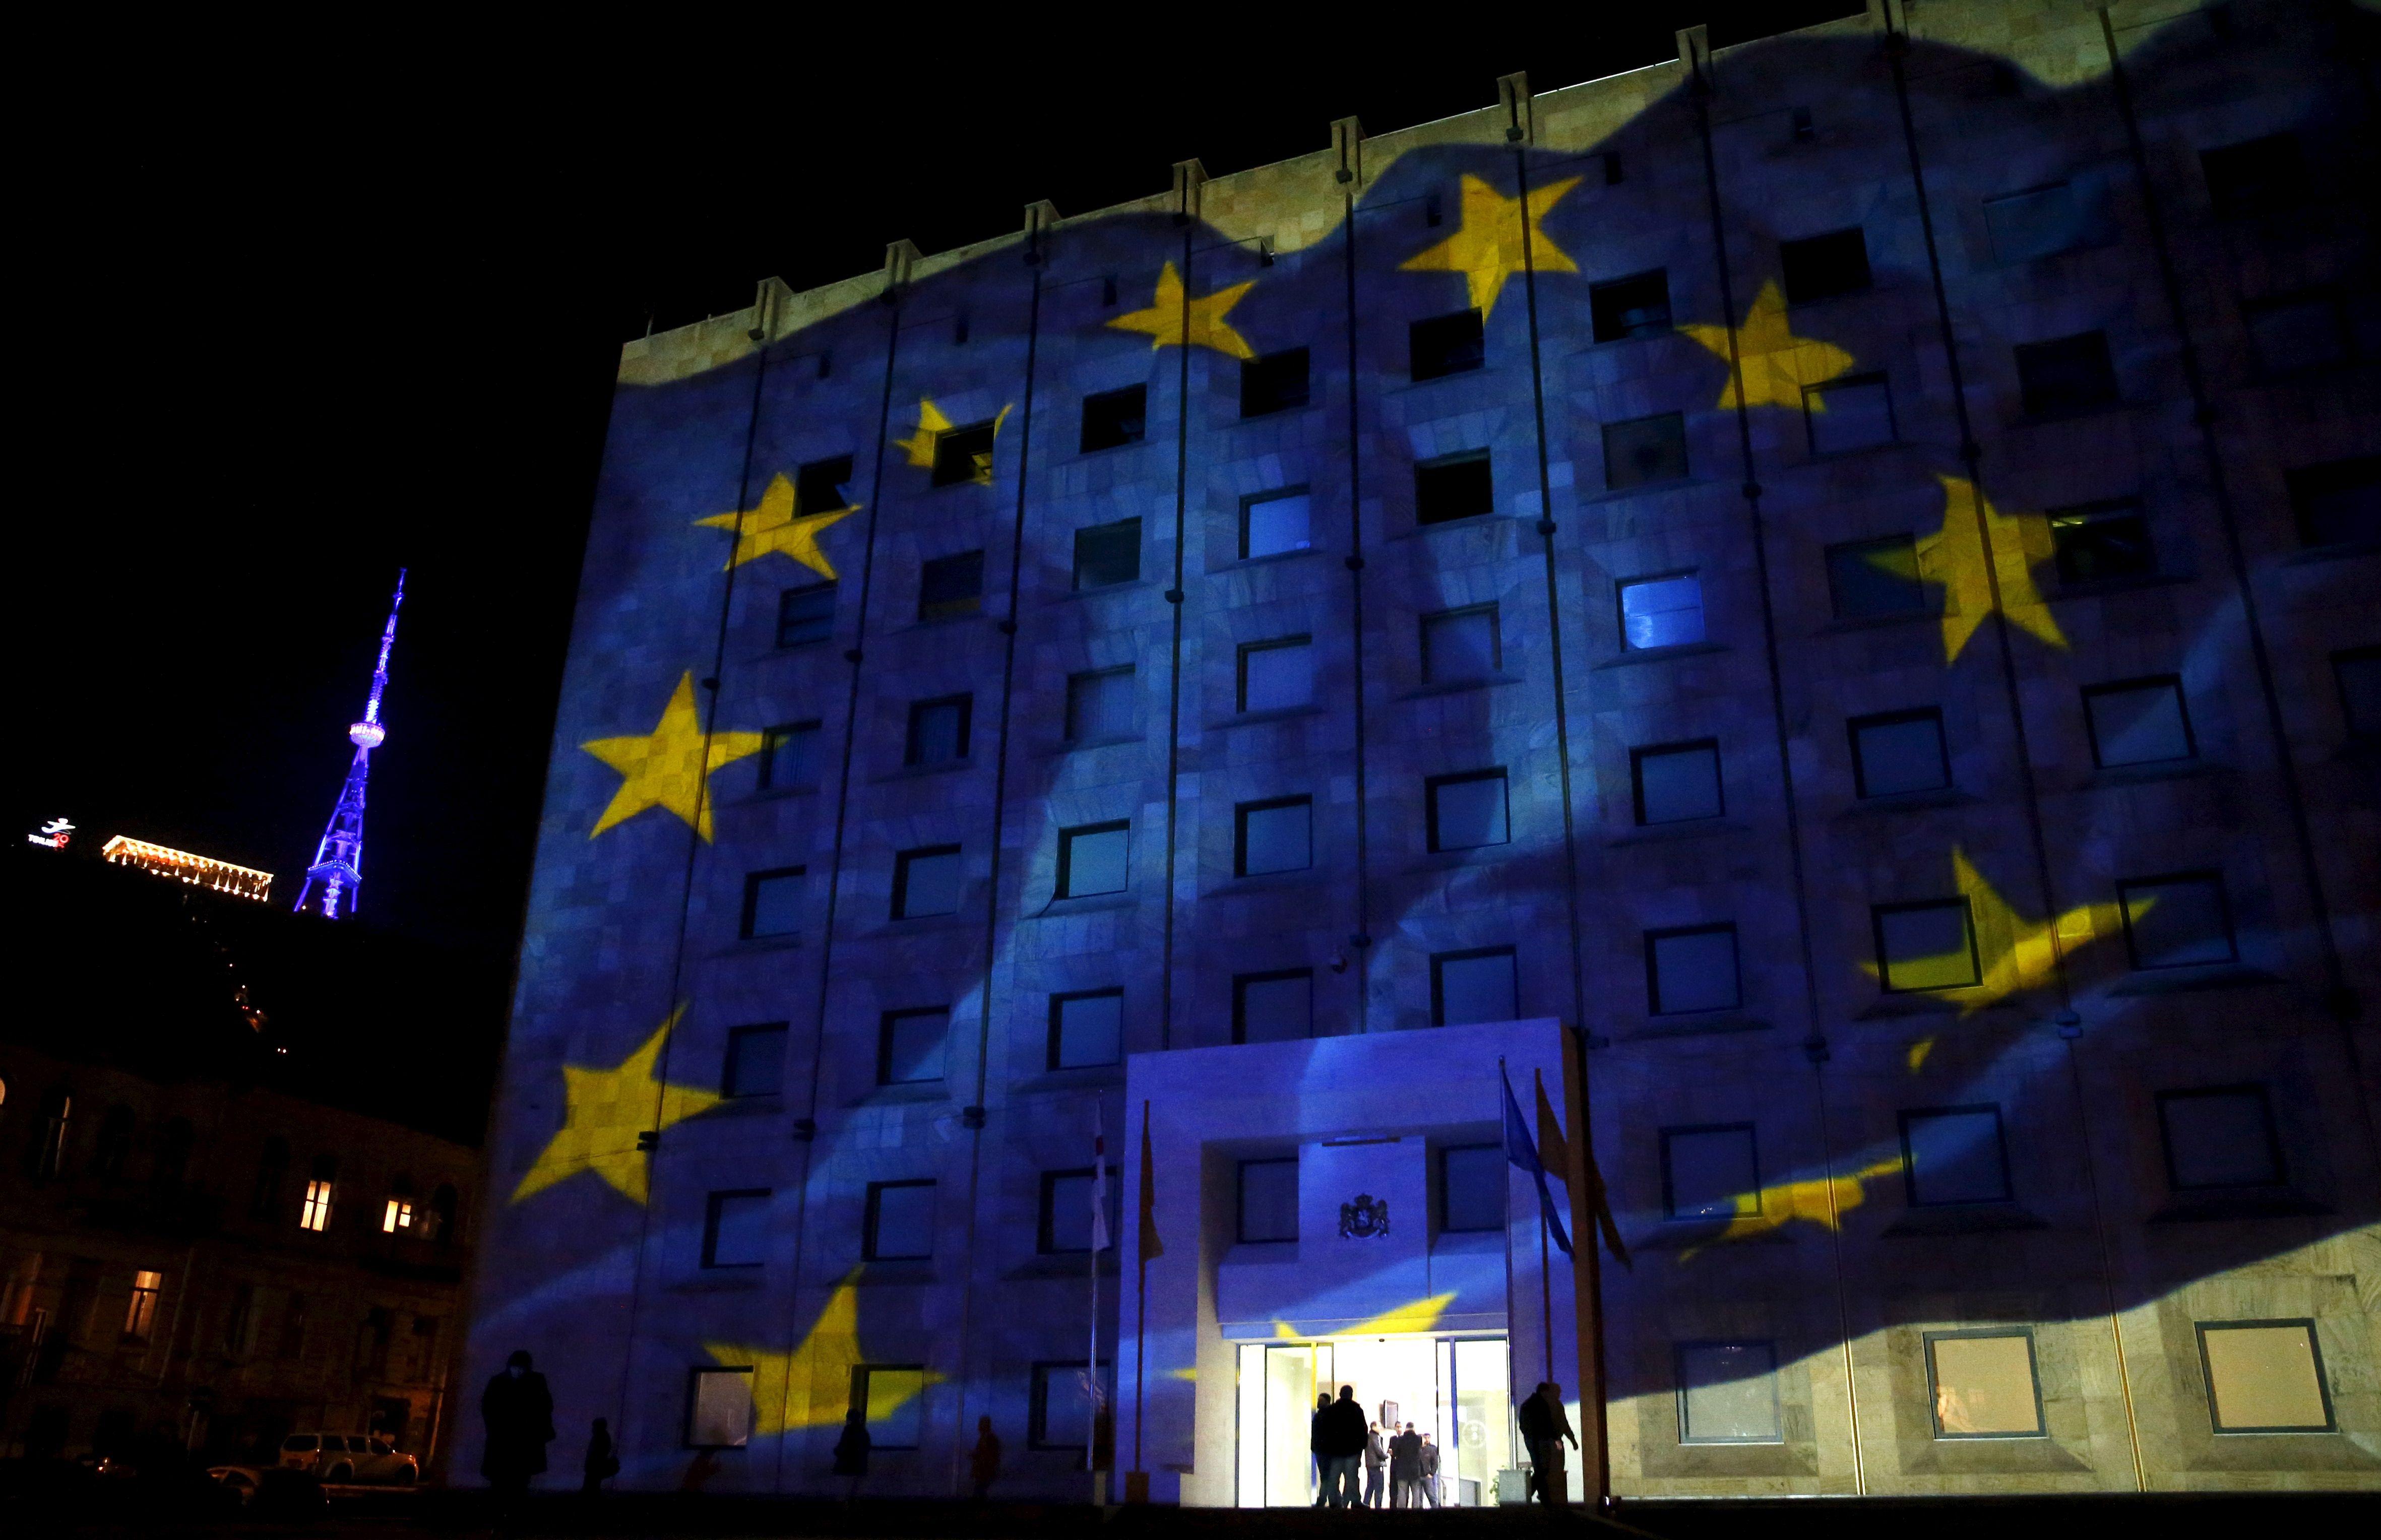 Moins d'économie(s), plus de sécurité : le plan B d'Angela Merkel et François Hollande en cas de Brexit ne suffira pas à réconcilier les Européens avec l'Union